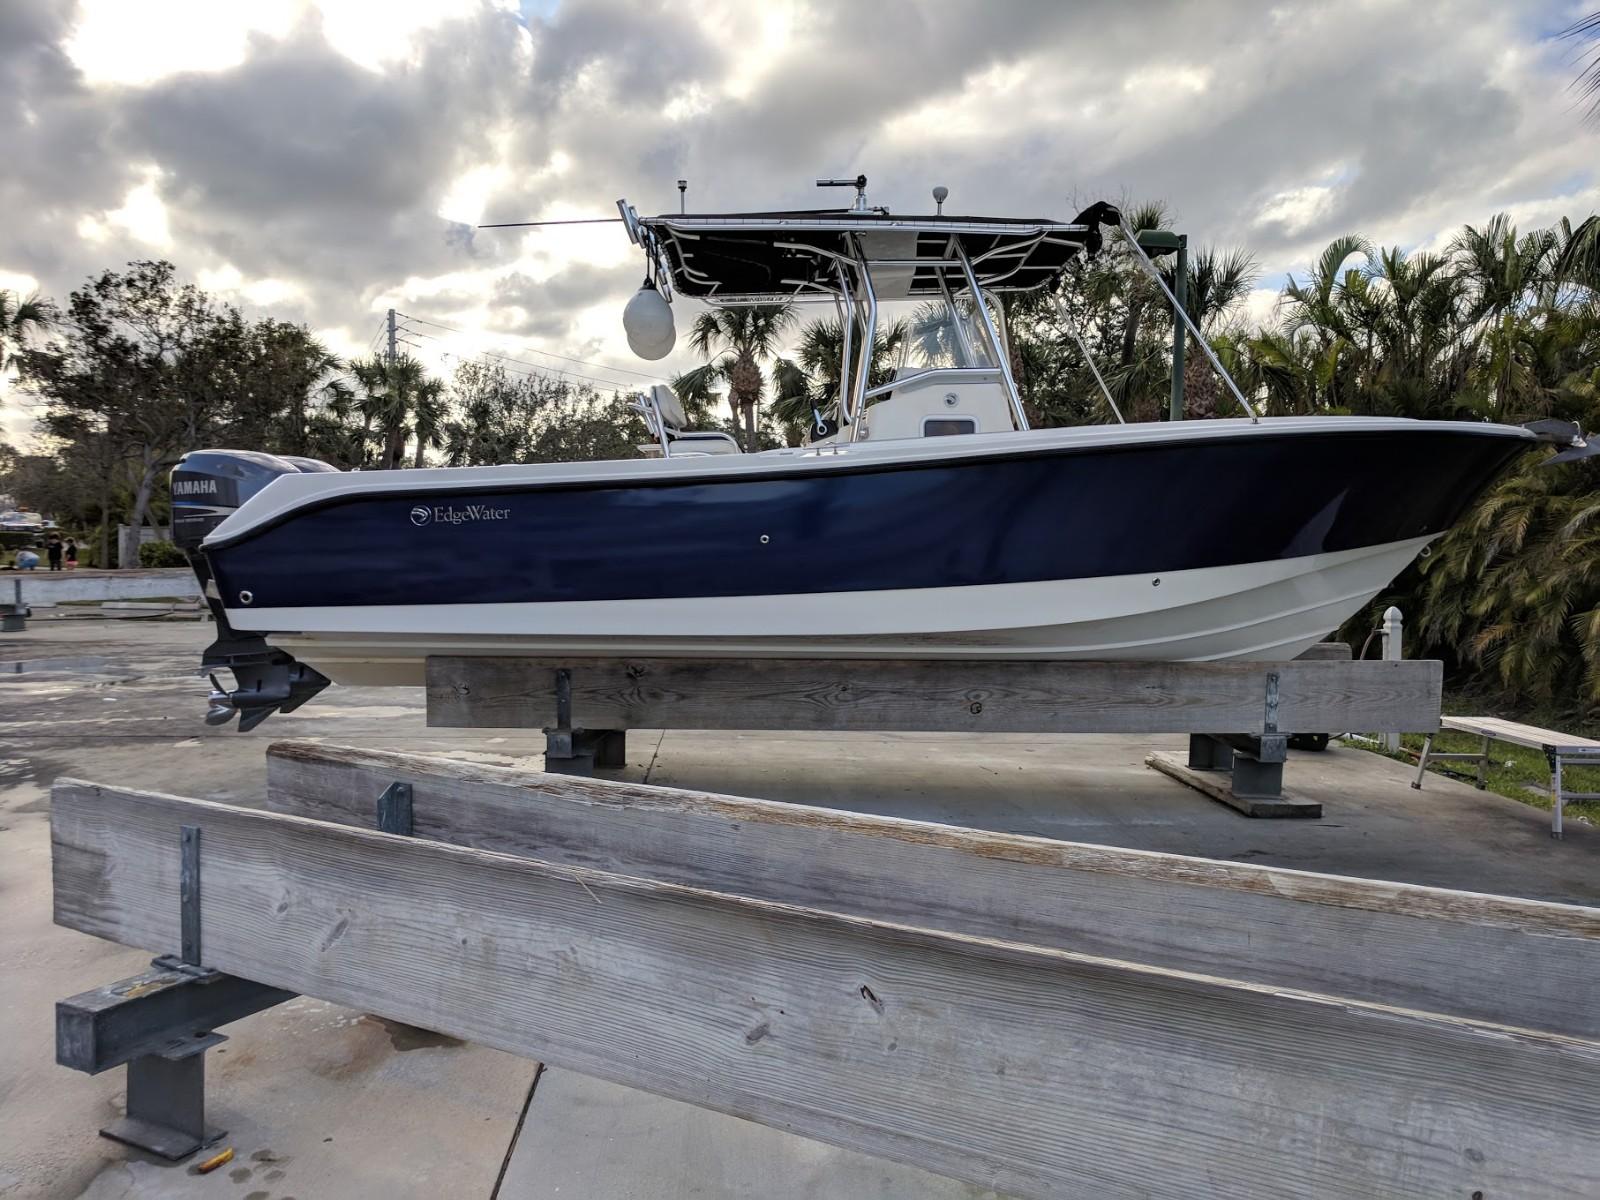 Jupiter Boat Wraps